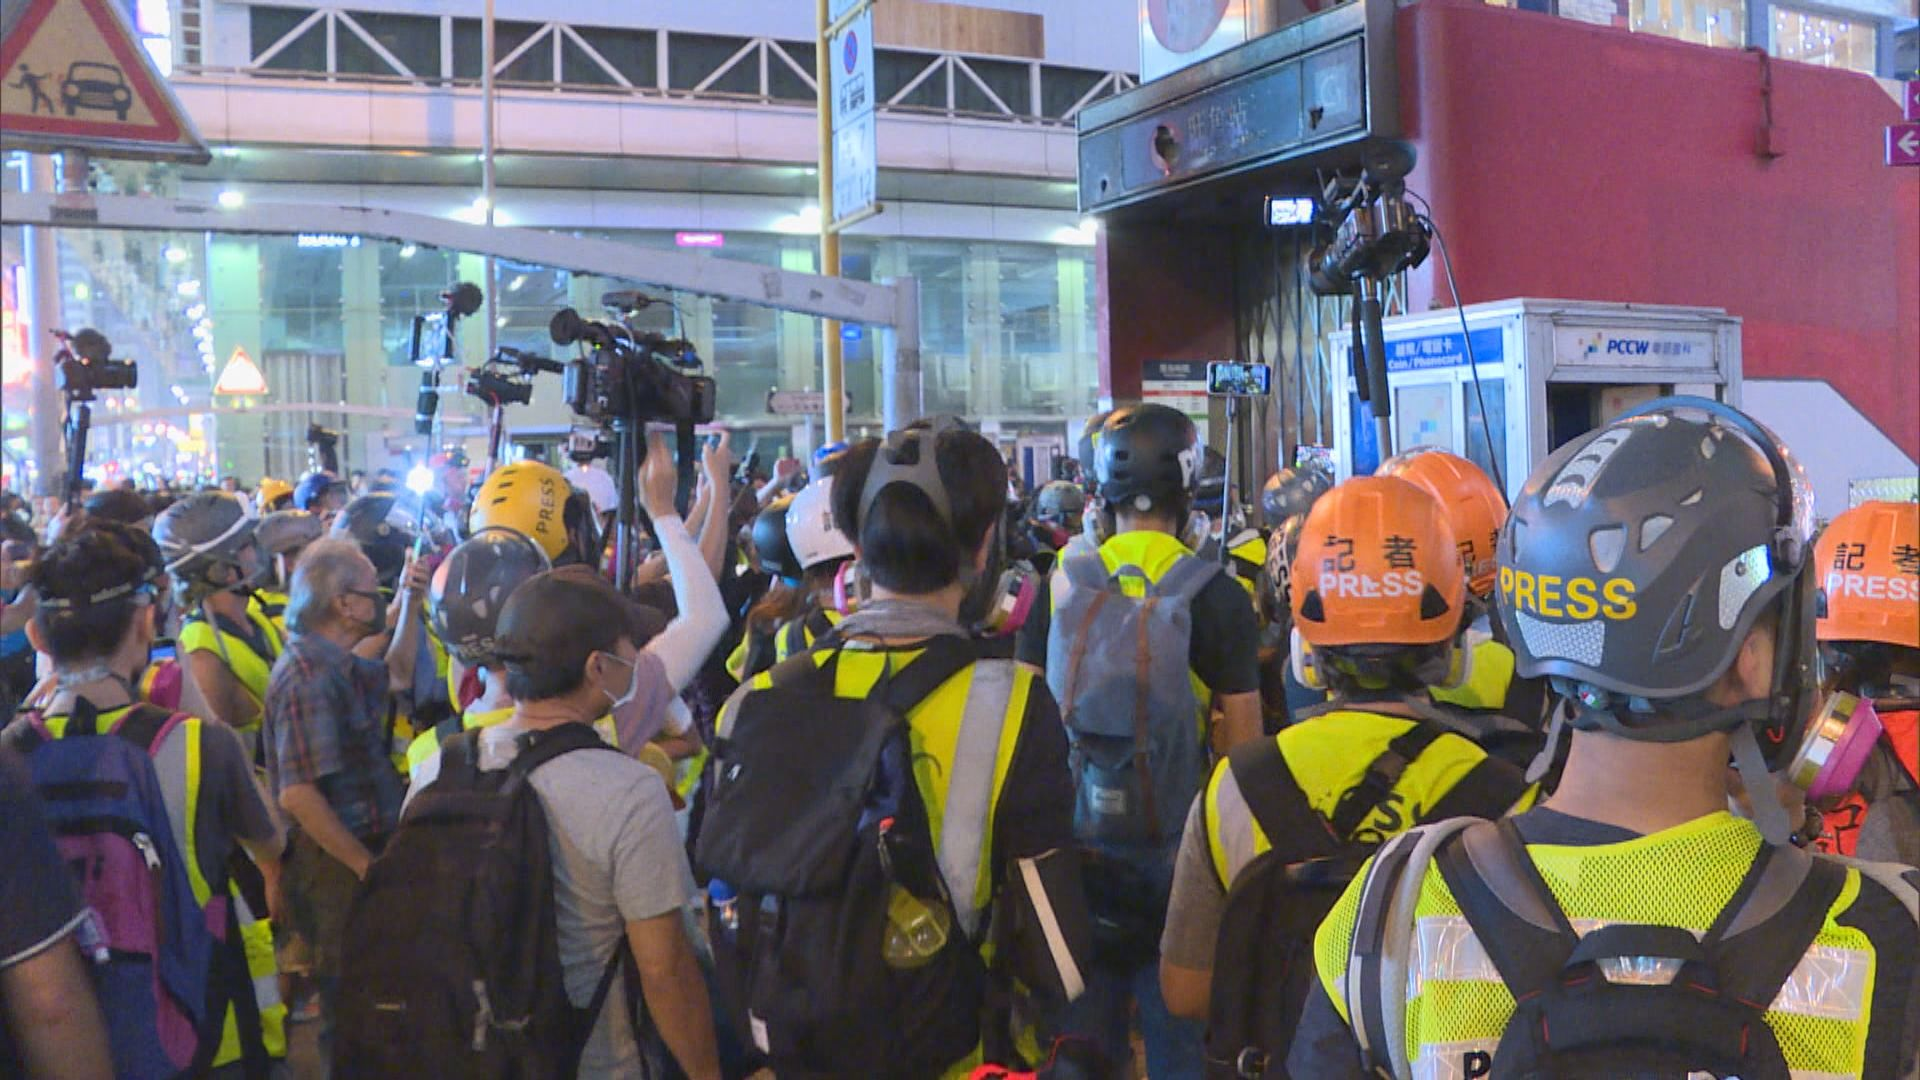 有網媒攝影記者採訪期間被捕